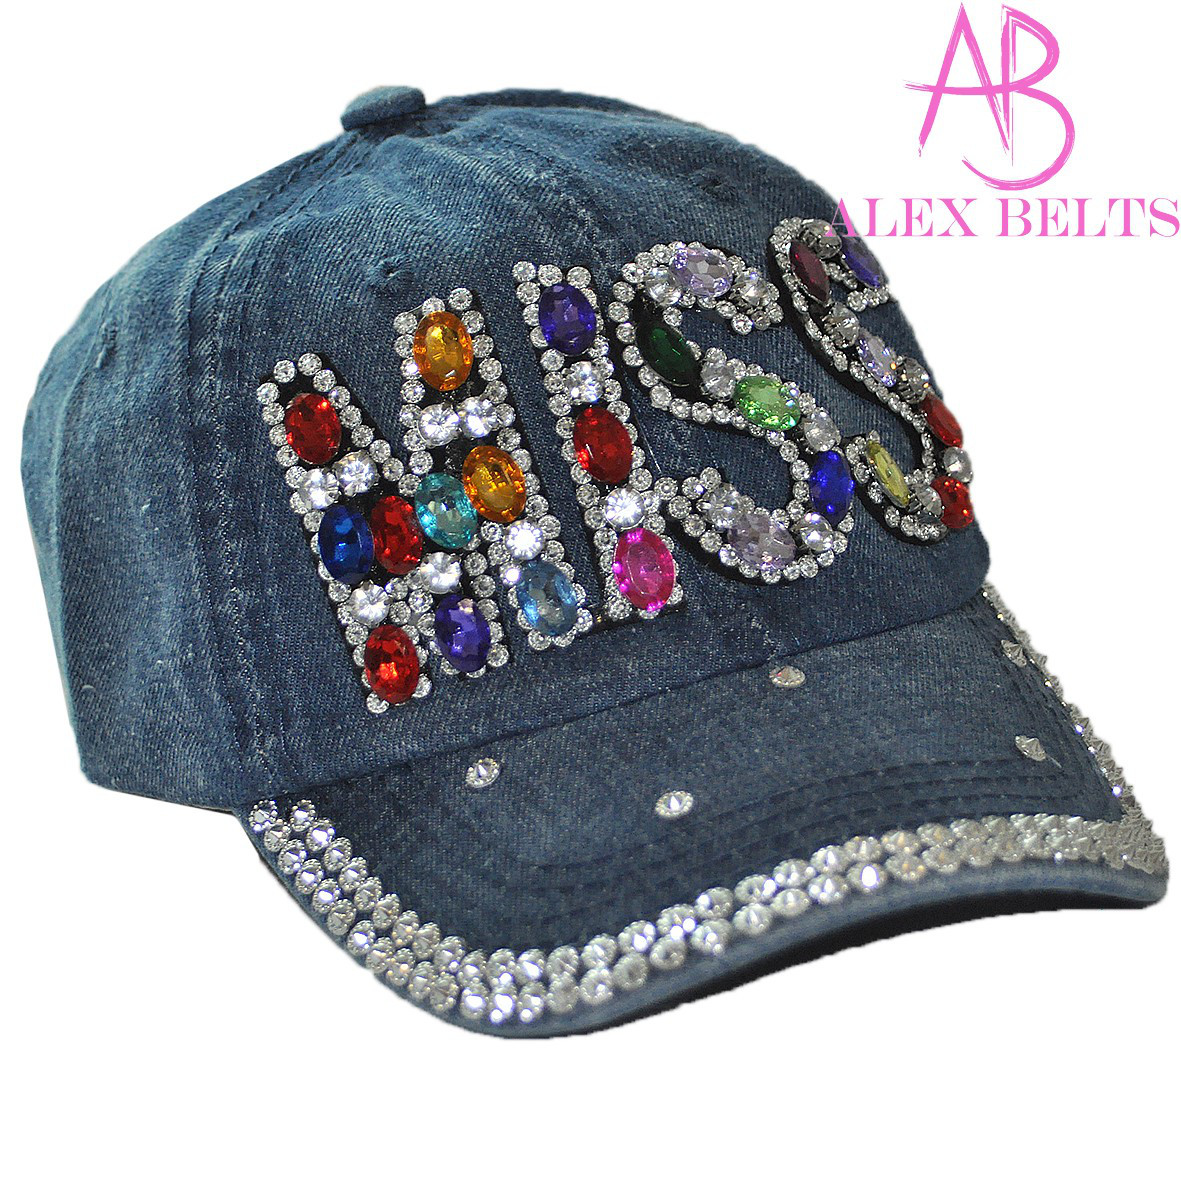 Бейсболка подростковая джинсовая, оптом, 7 км, головные уборы оптом, кепка девочка, кепка со стразами